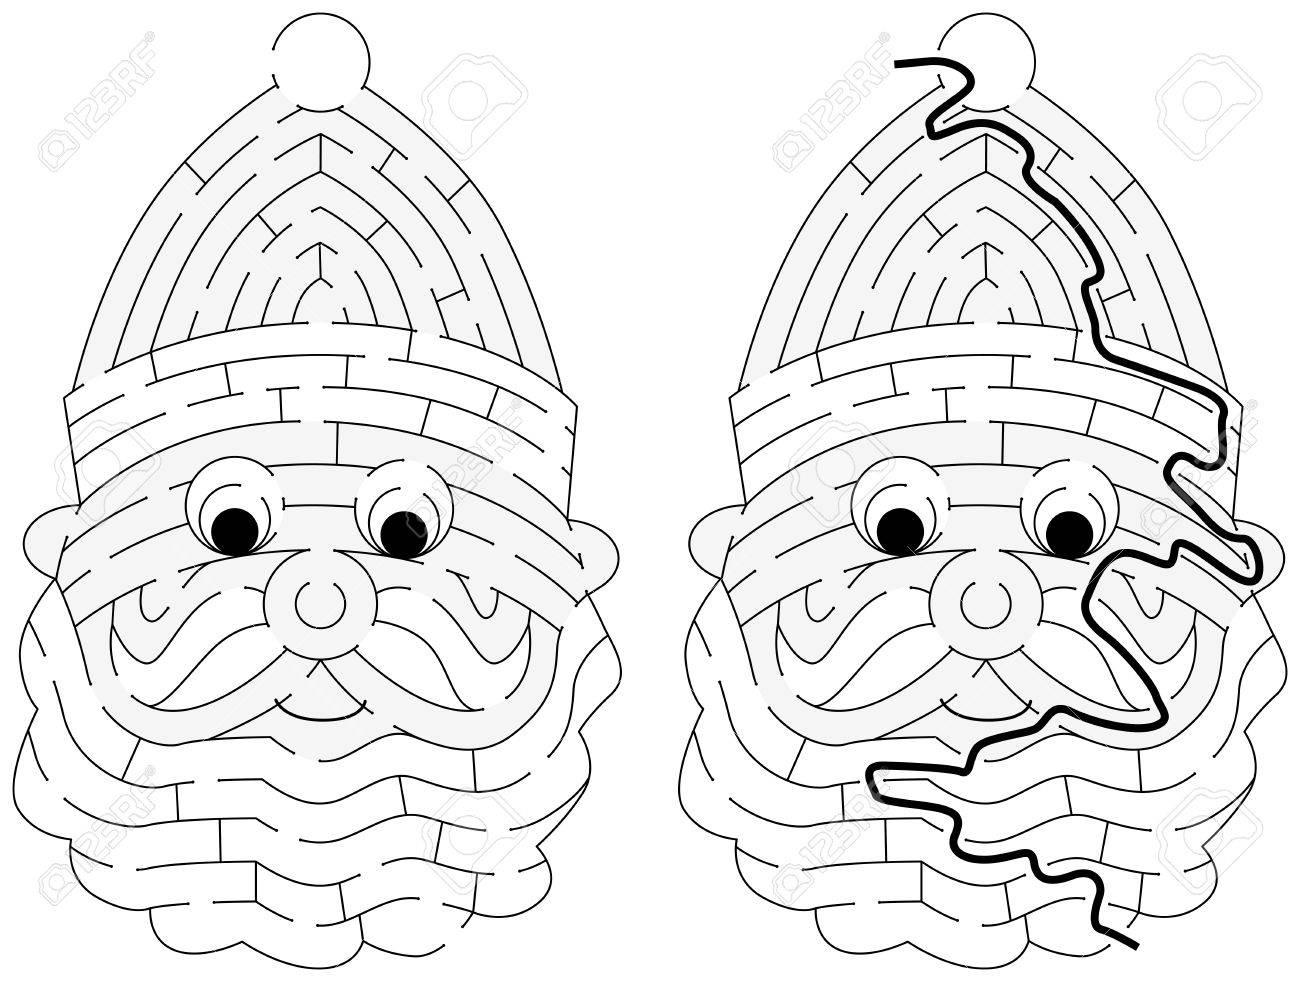 Immagini Di Babbo Natale In Bianco E Nero.Facile Labirinto Di Babbo Natale Per I Piu Piccoli Con Una Soluzione In Bianco E Nero